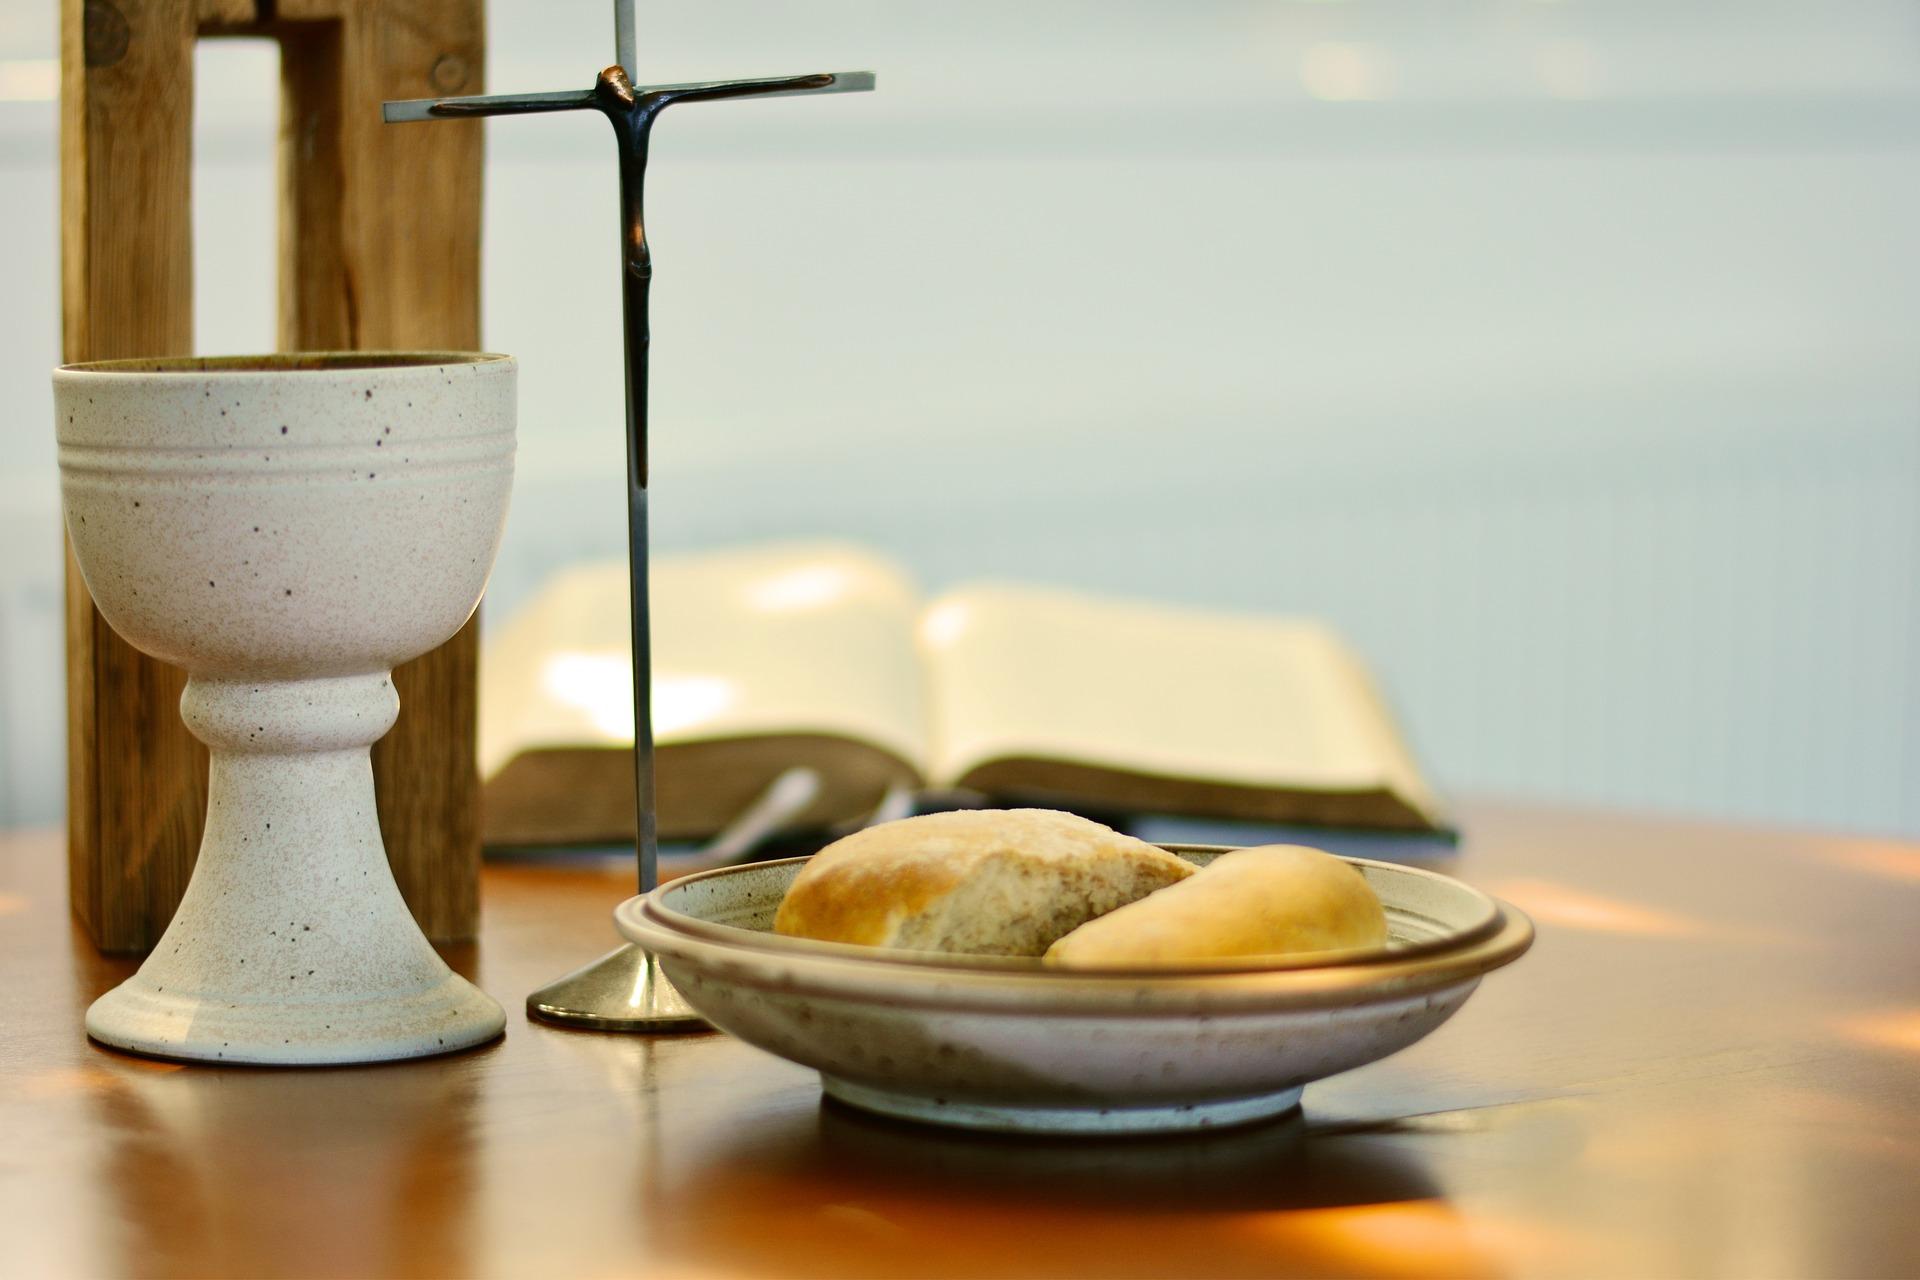 Erstkommunion ist erstes Mal Teilnahme in der Pfarre